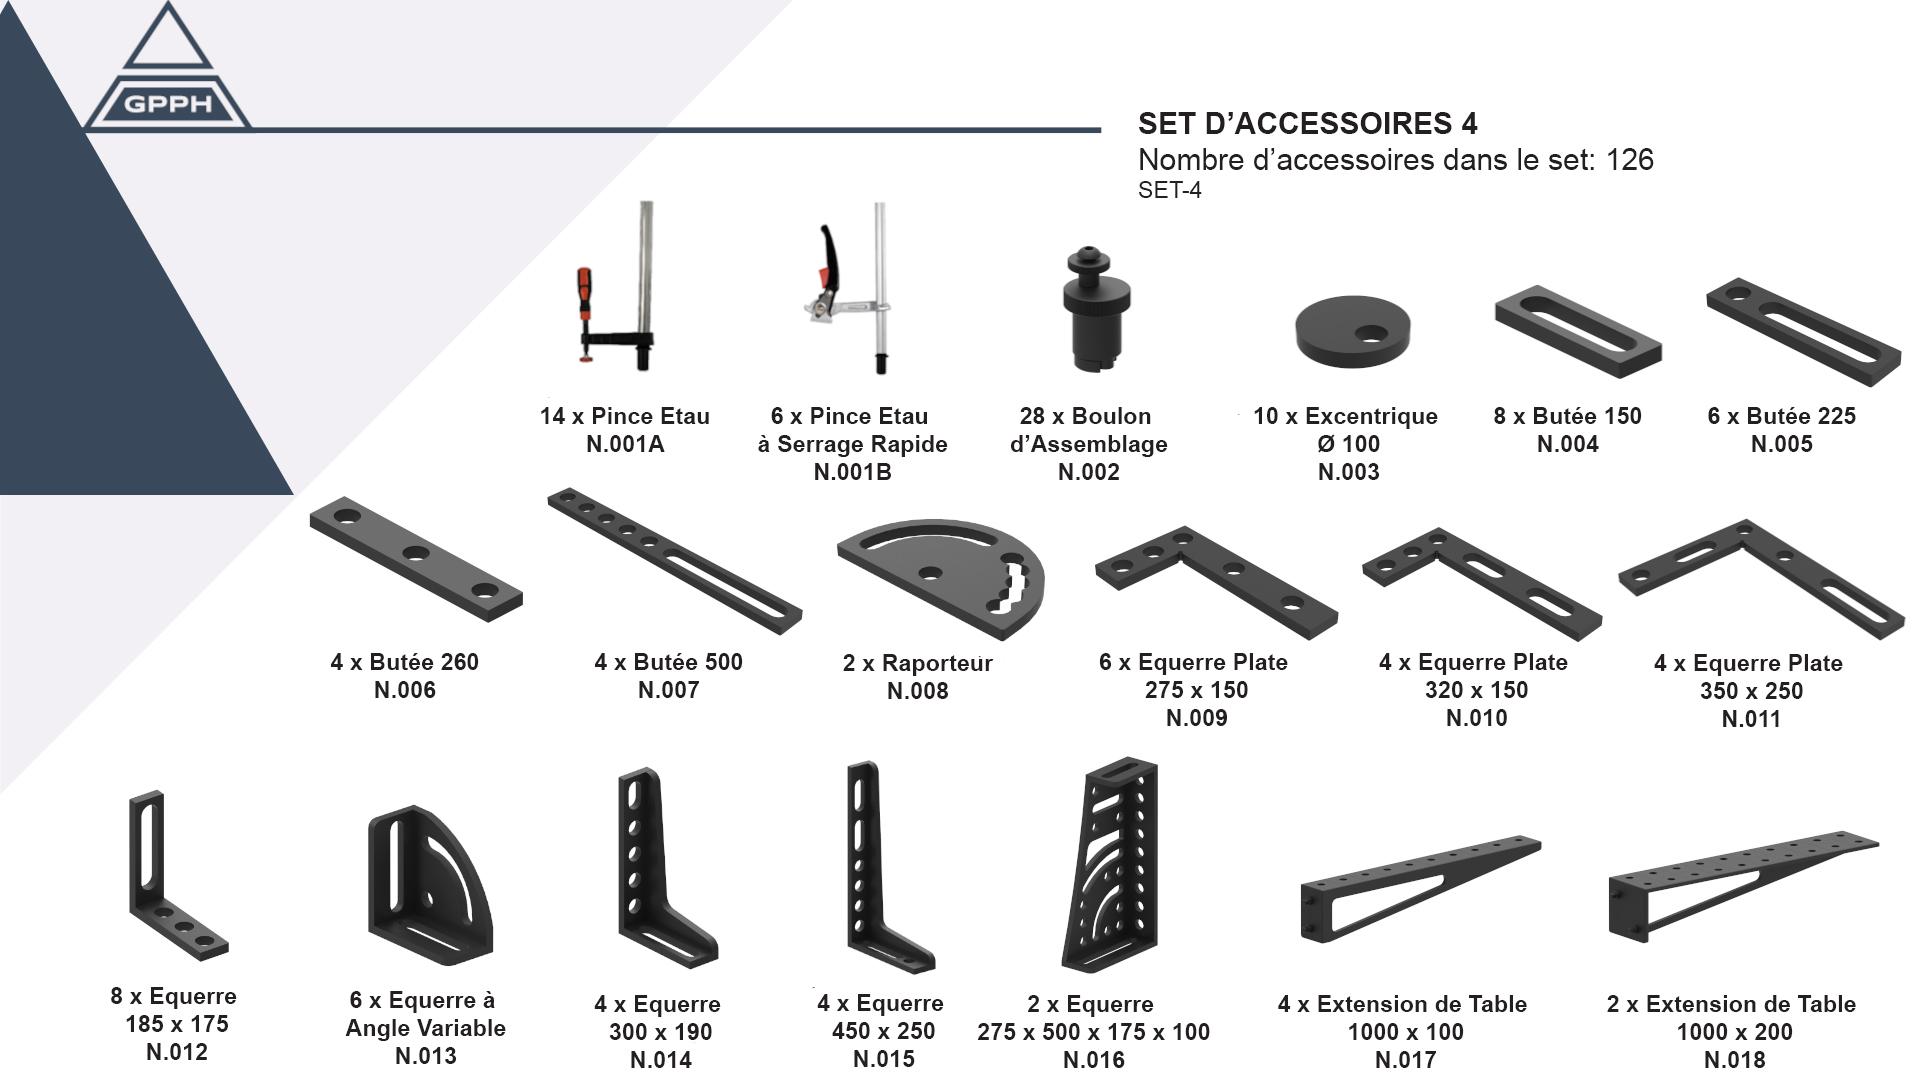 set-4 accessoires GPPH